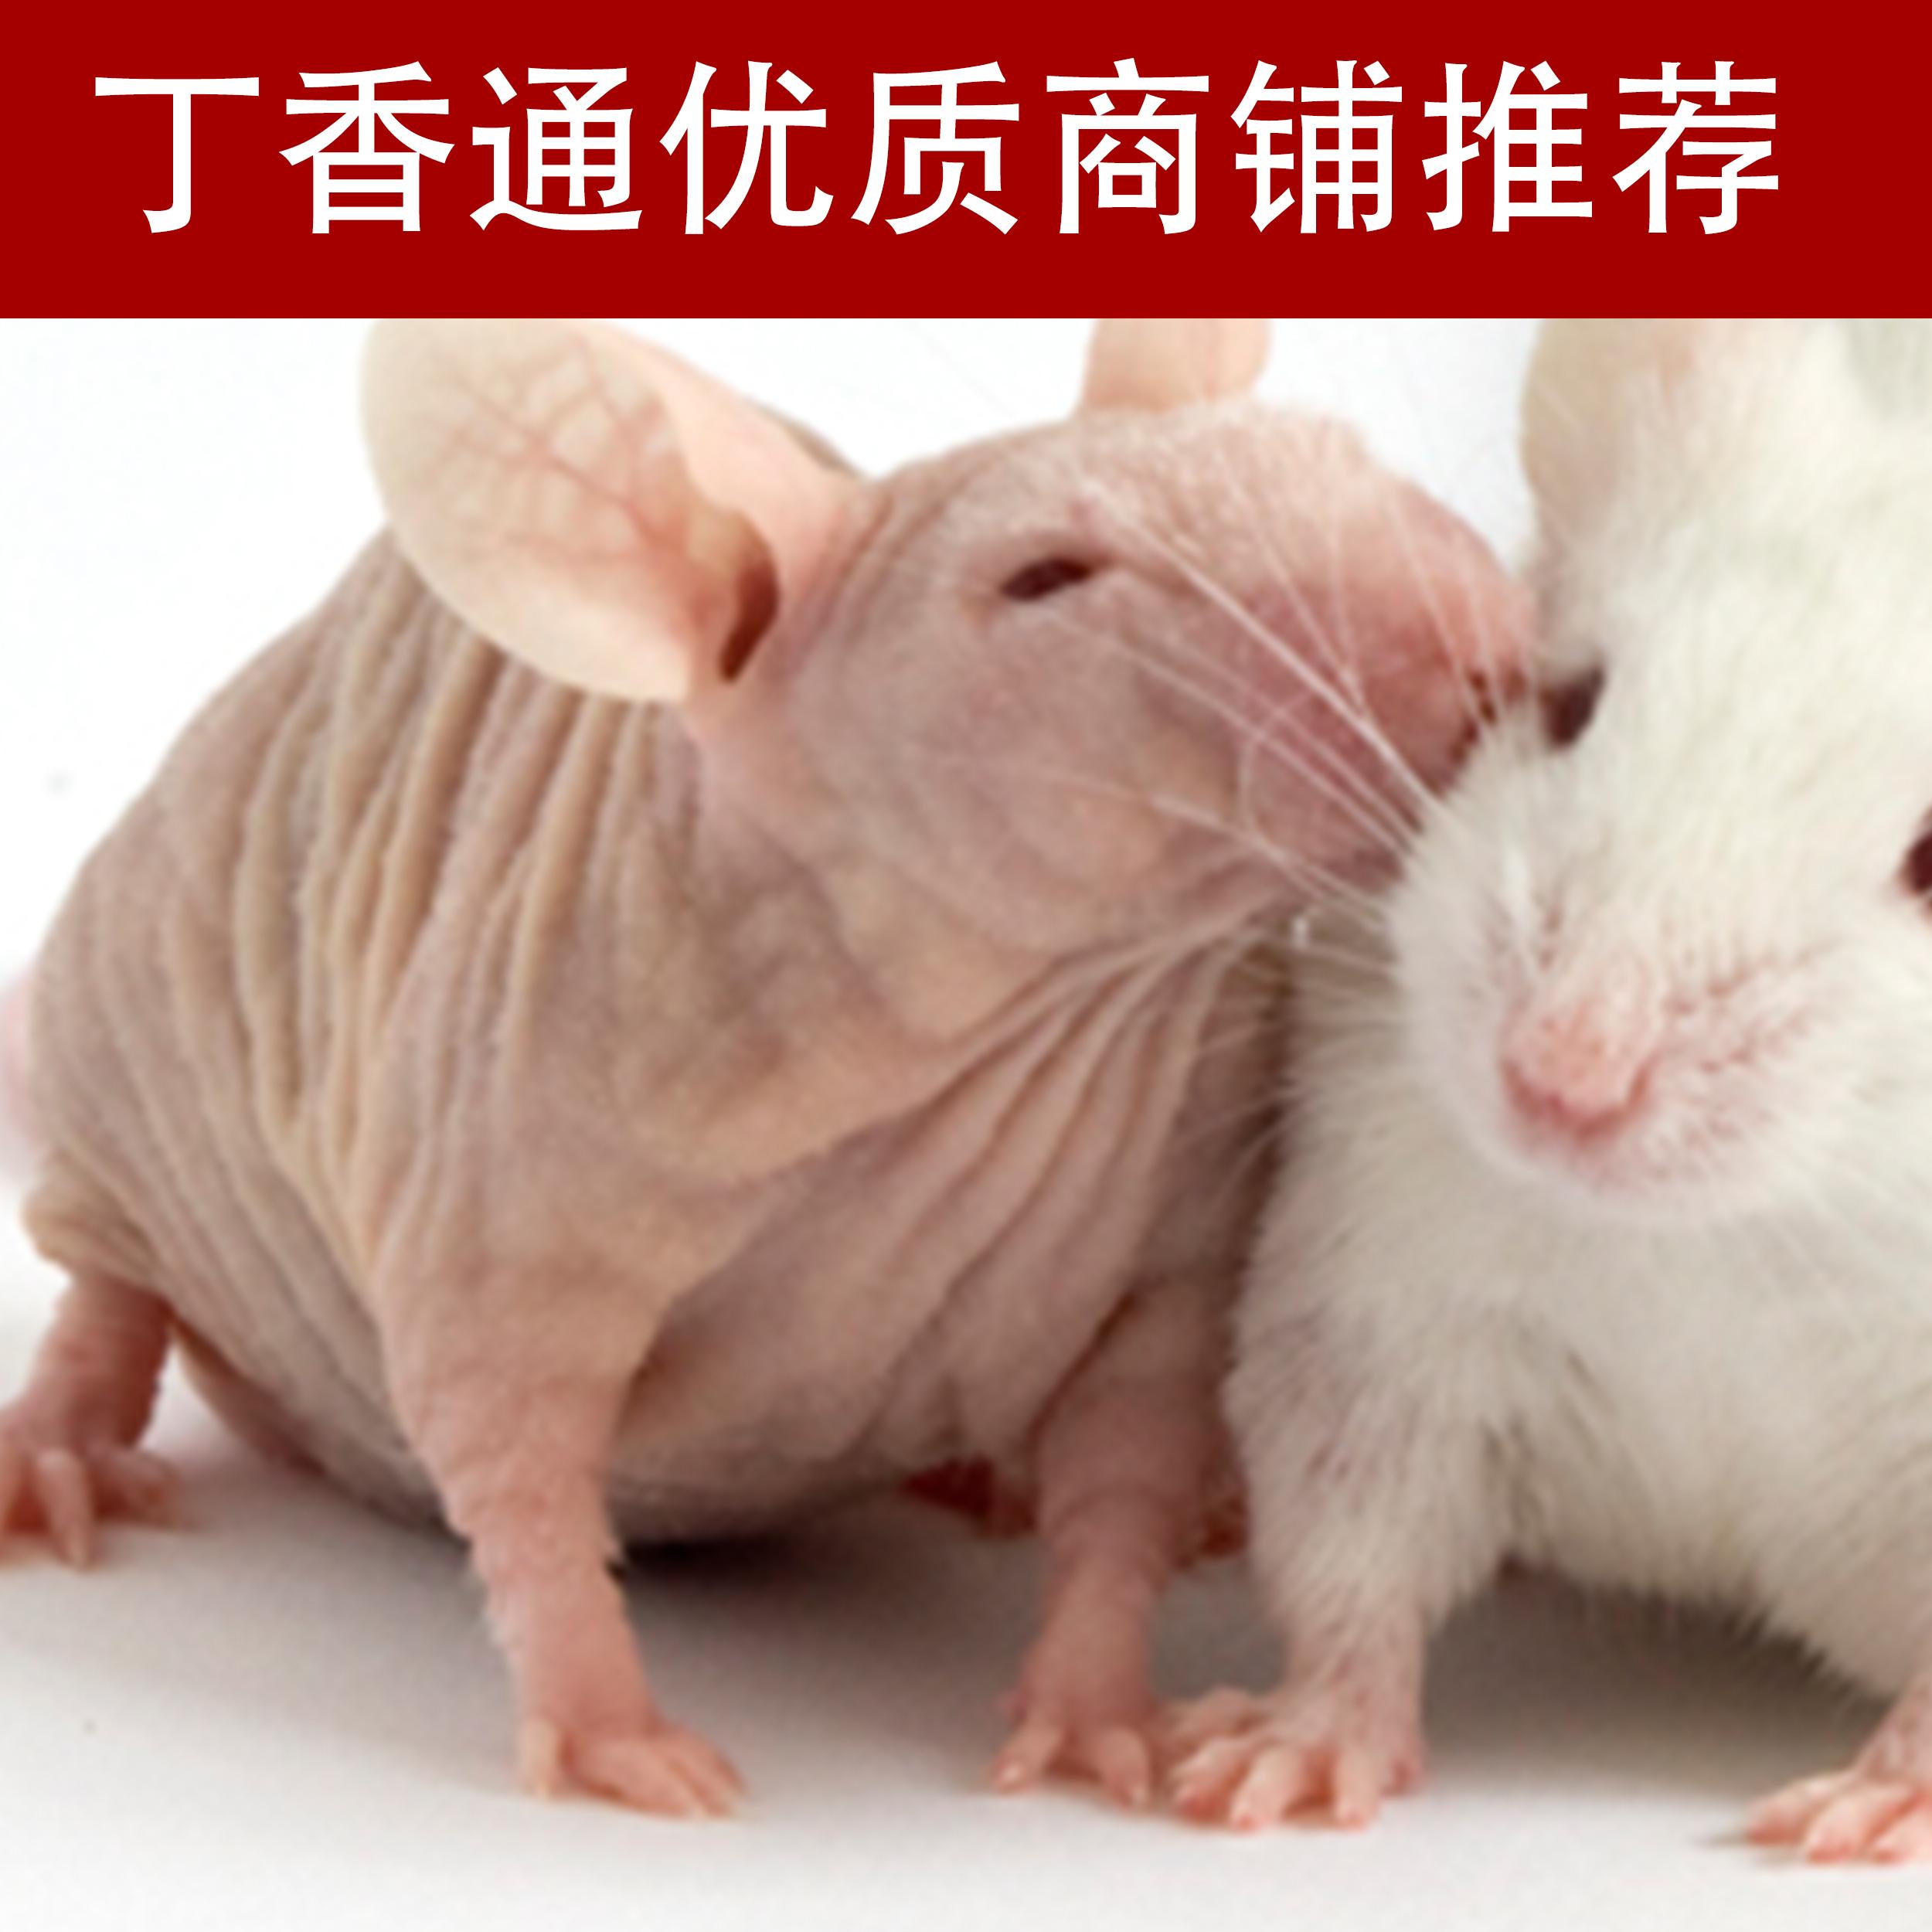 裸小鼠移植瘤实验技术服务(全国十佳技术服务企业)